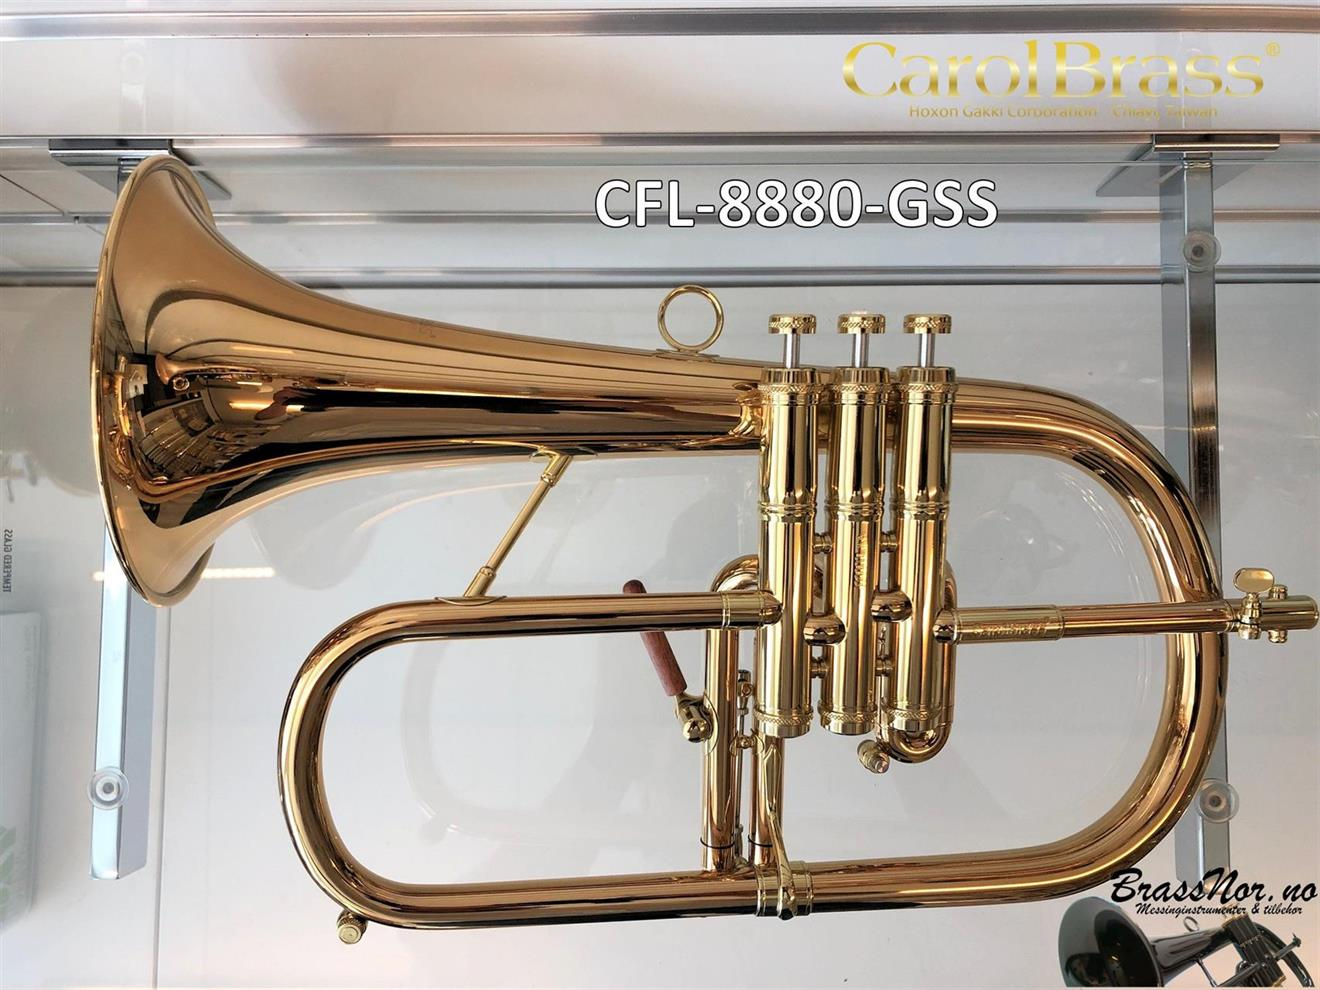 Flugelhorn CFL-8880-GSS 85% gull messing